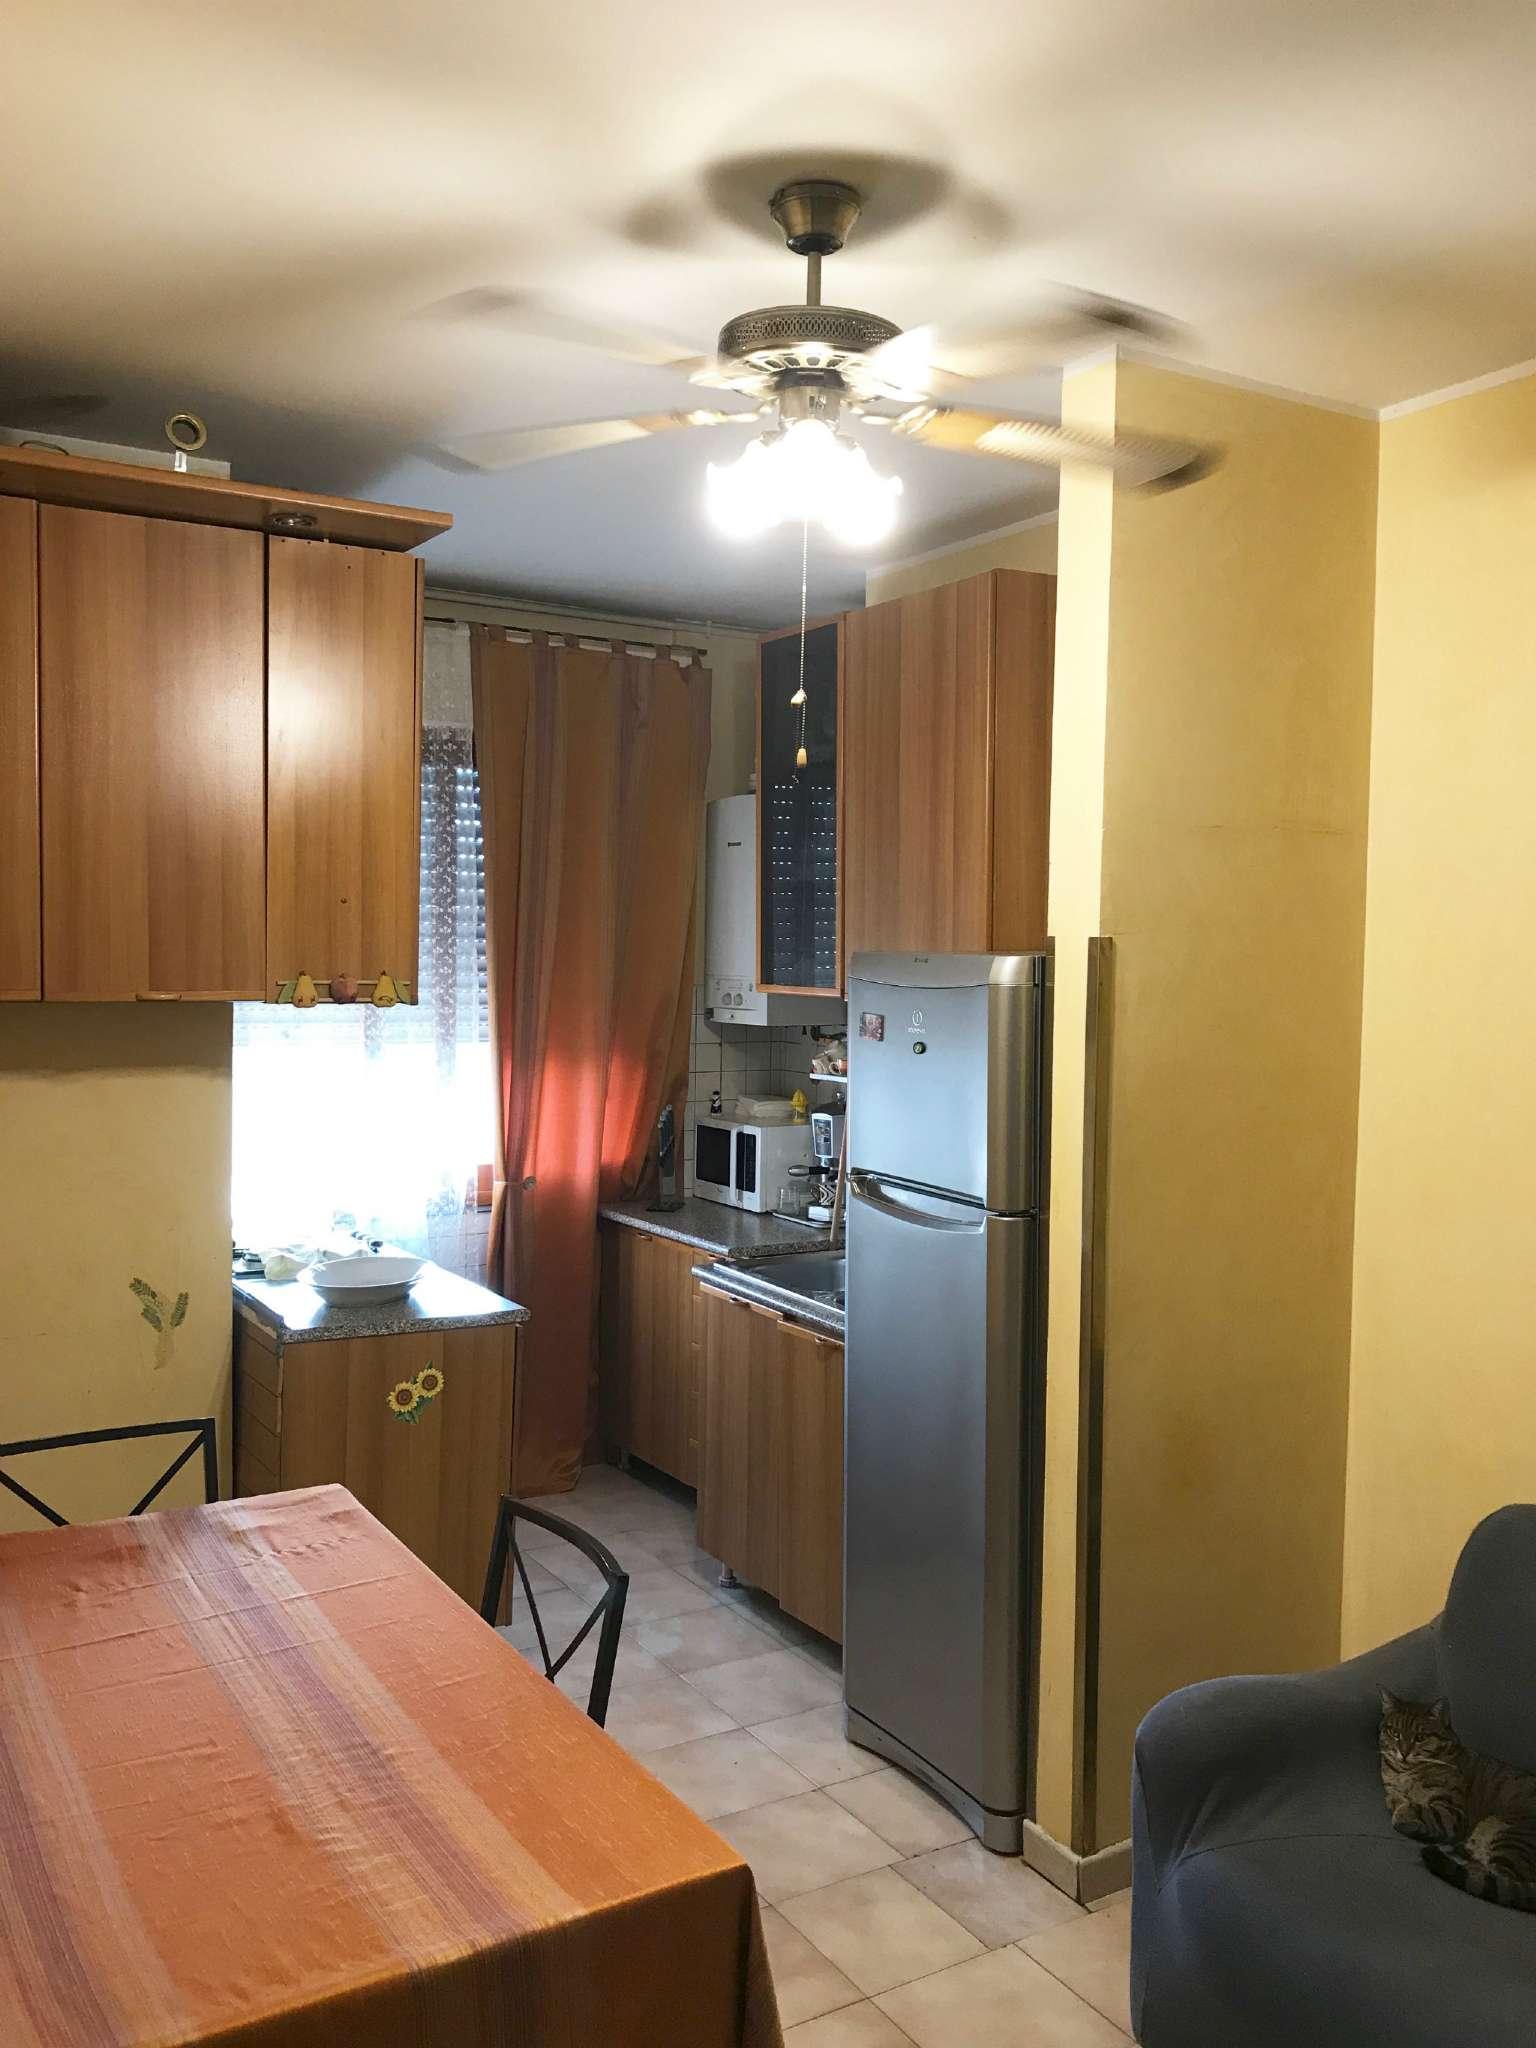 Appartamento in vendita a Rozzano, 2 locali, Trattative riservate   CambioCasa.it